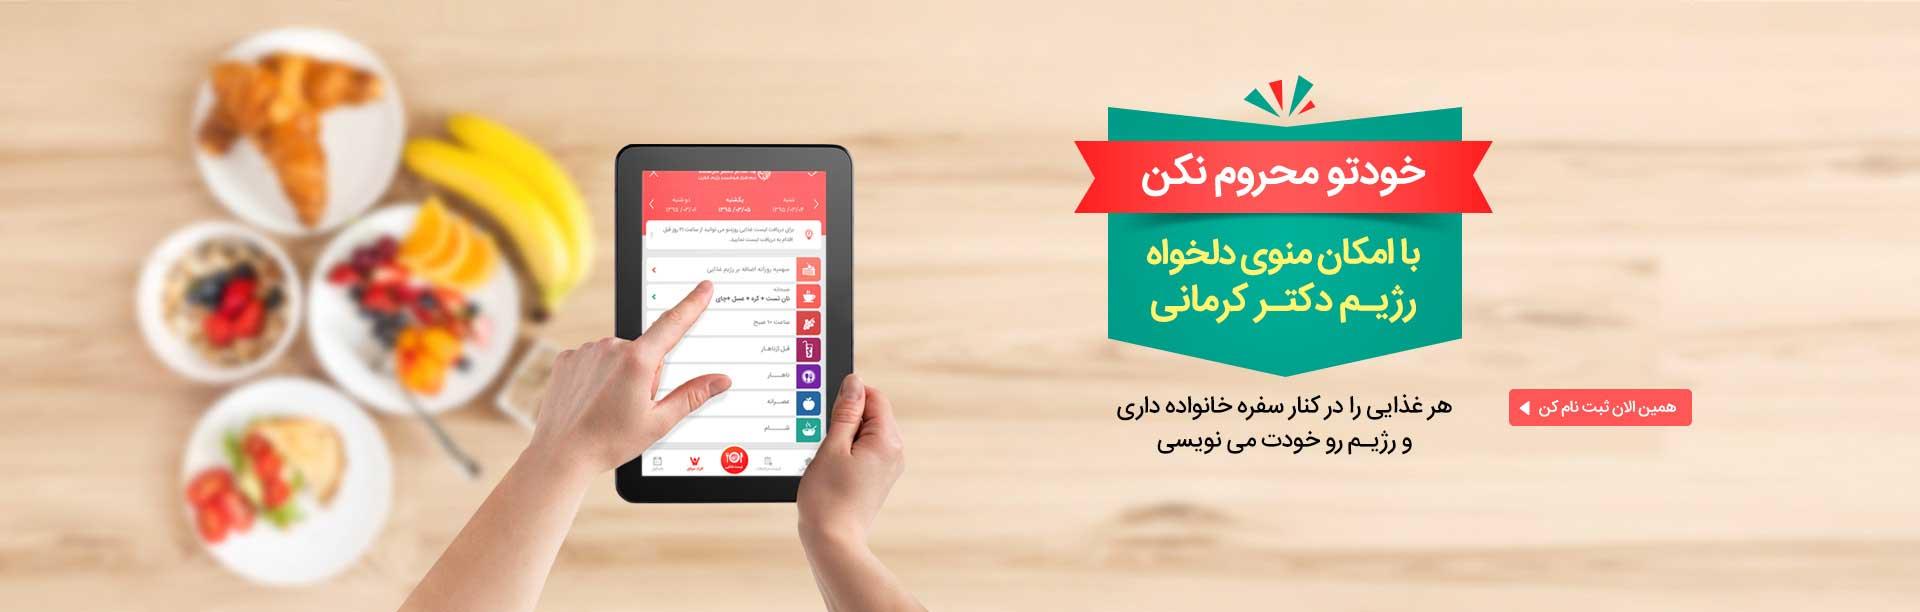 لیست روز منو رژیم لاغری دکتر کرمانی